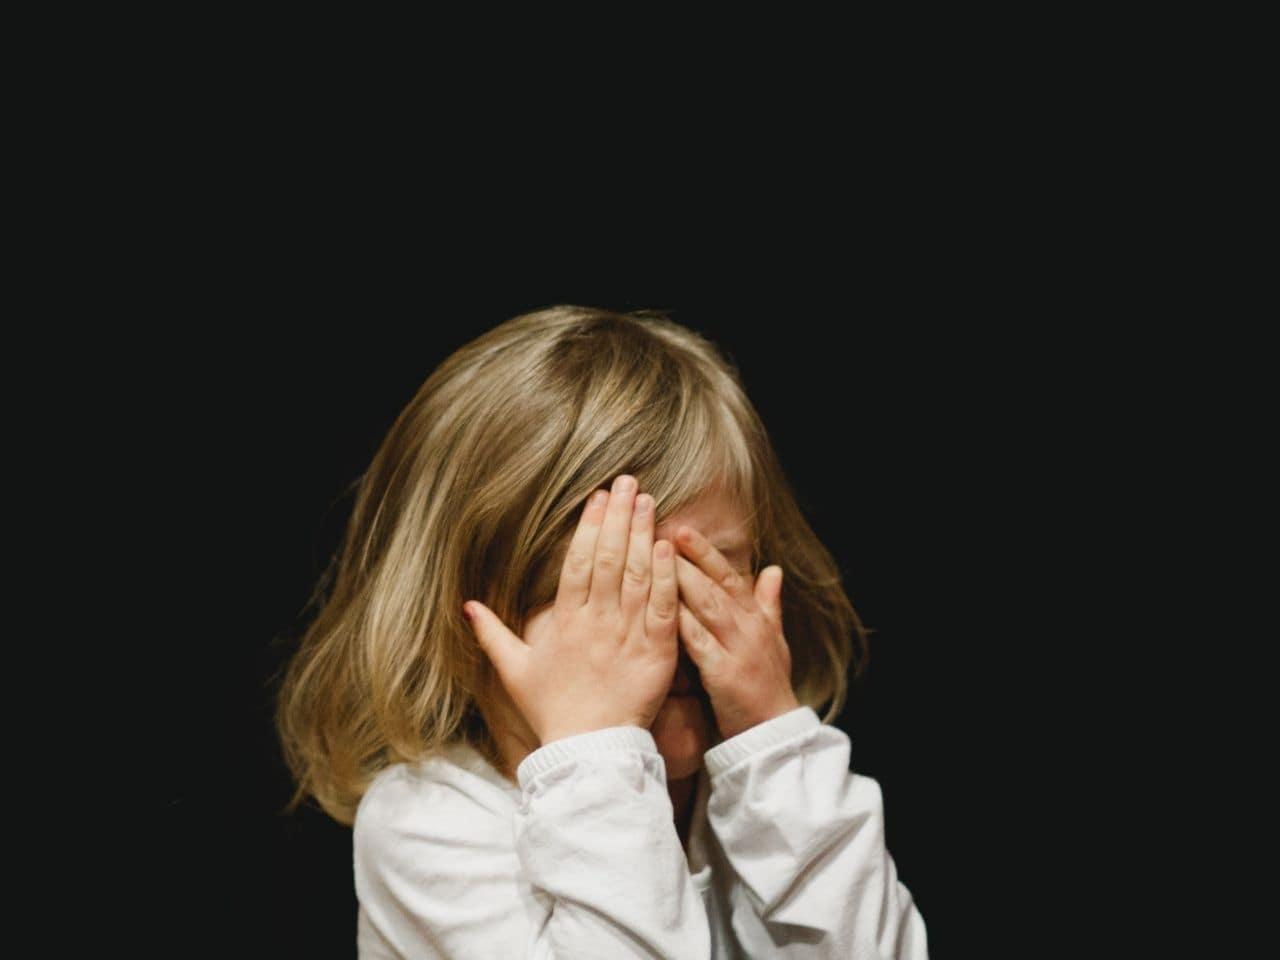 両目を覆う女の子